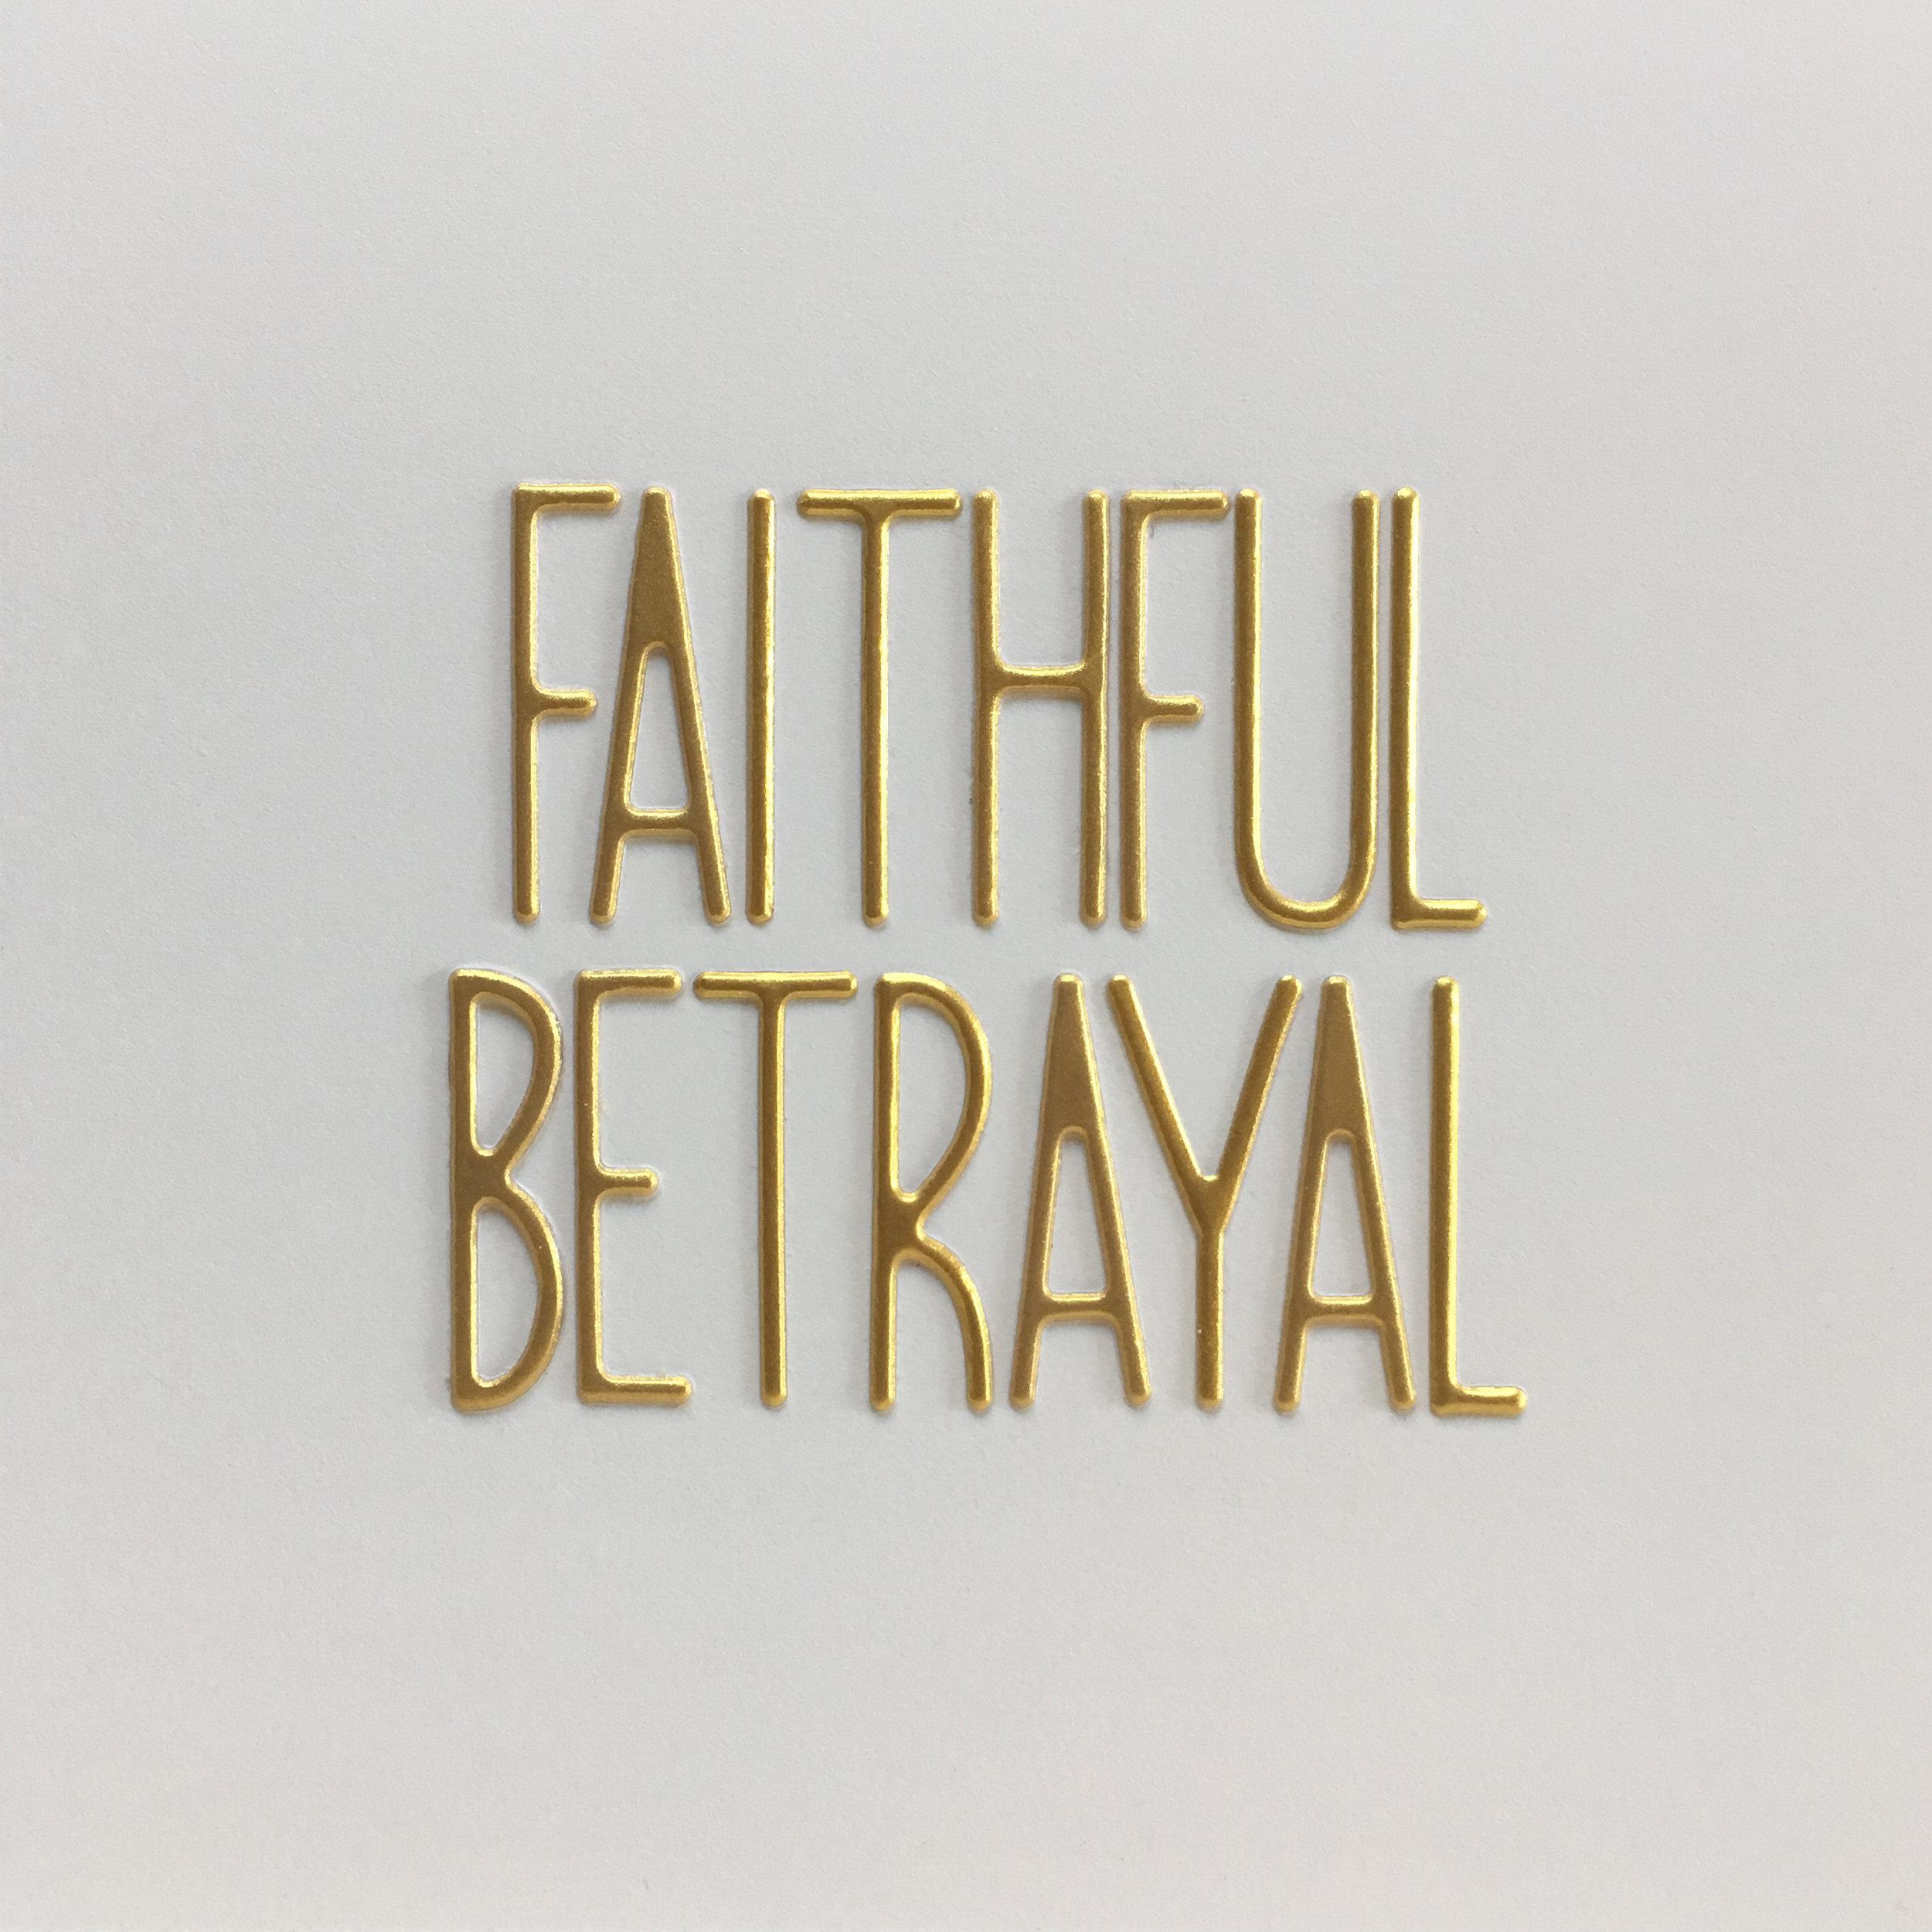 faithful betrayal.jpg